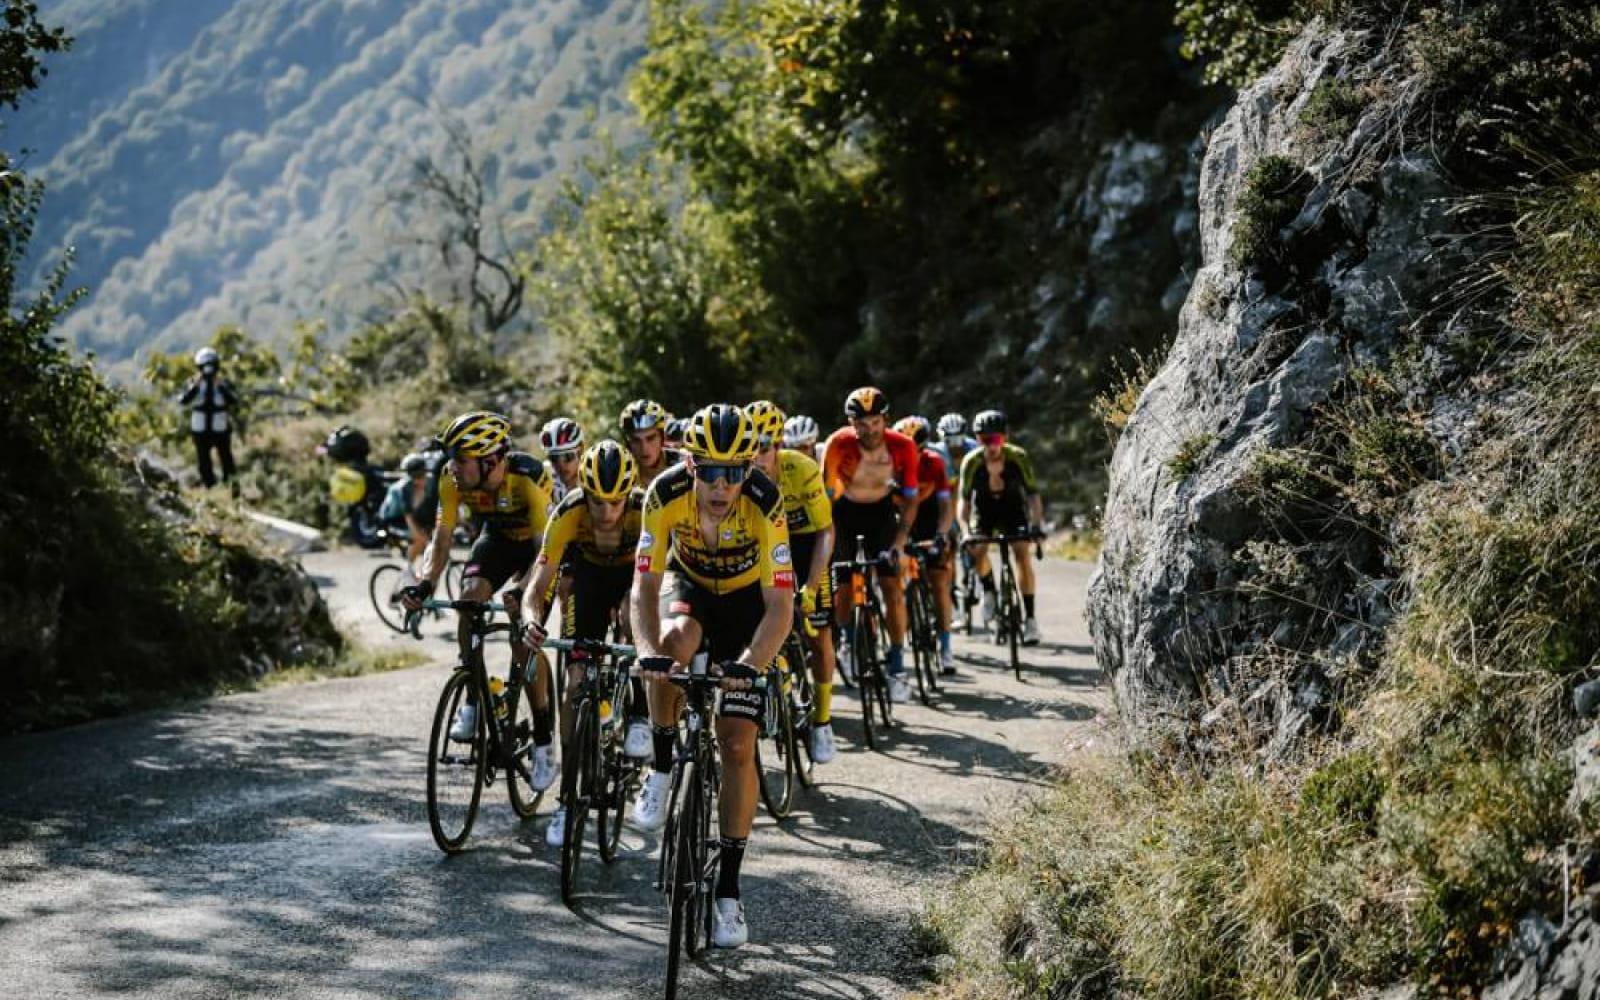 Tour de France - Etape 15 Lyon / Grand Colombier